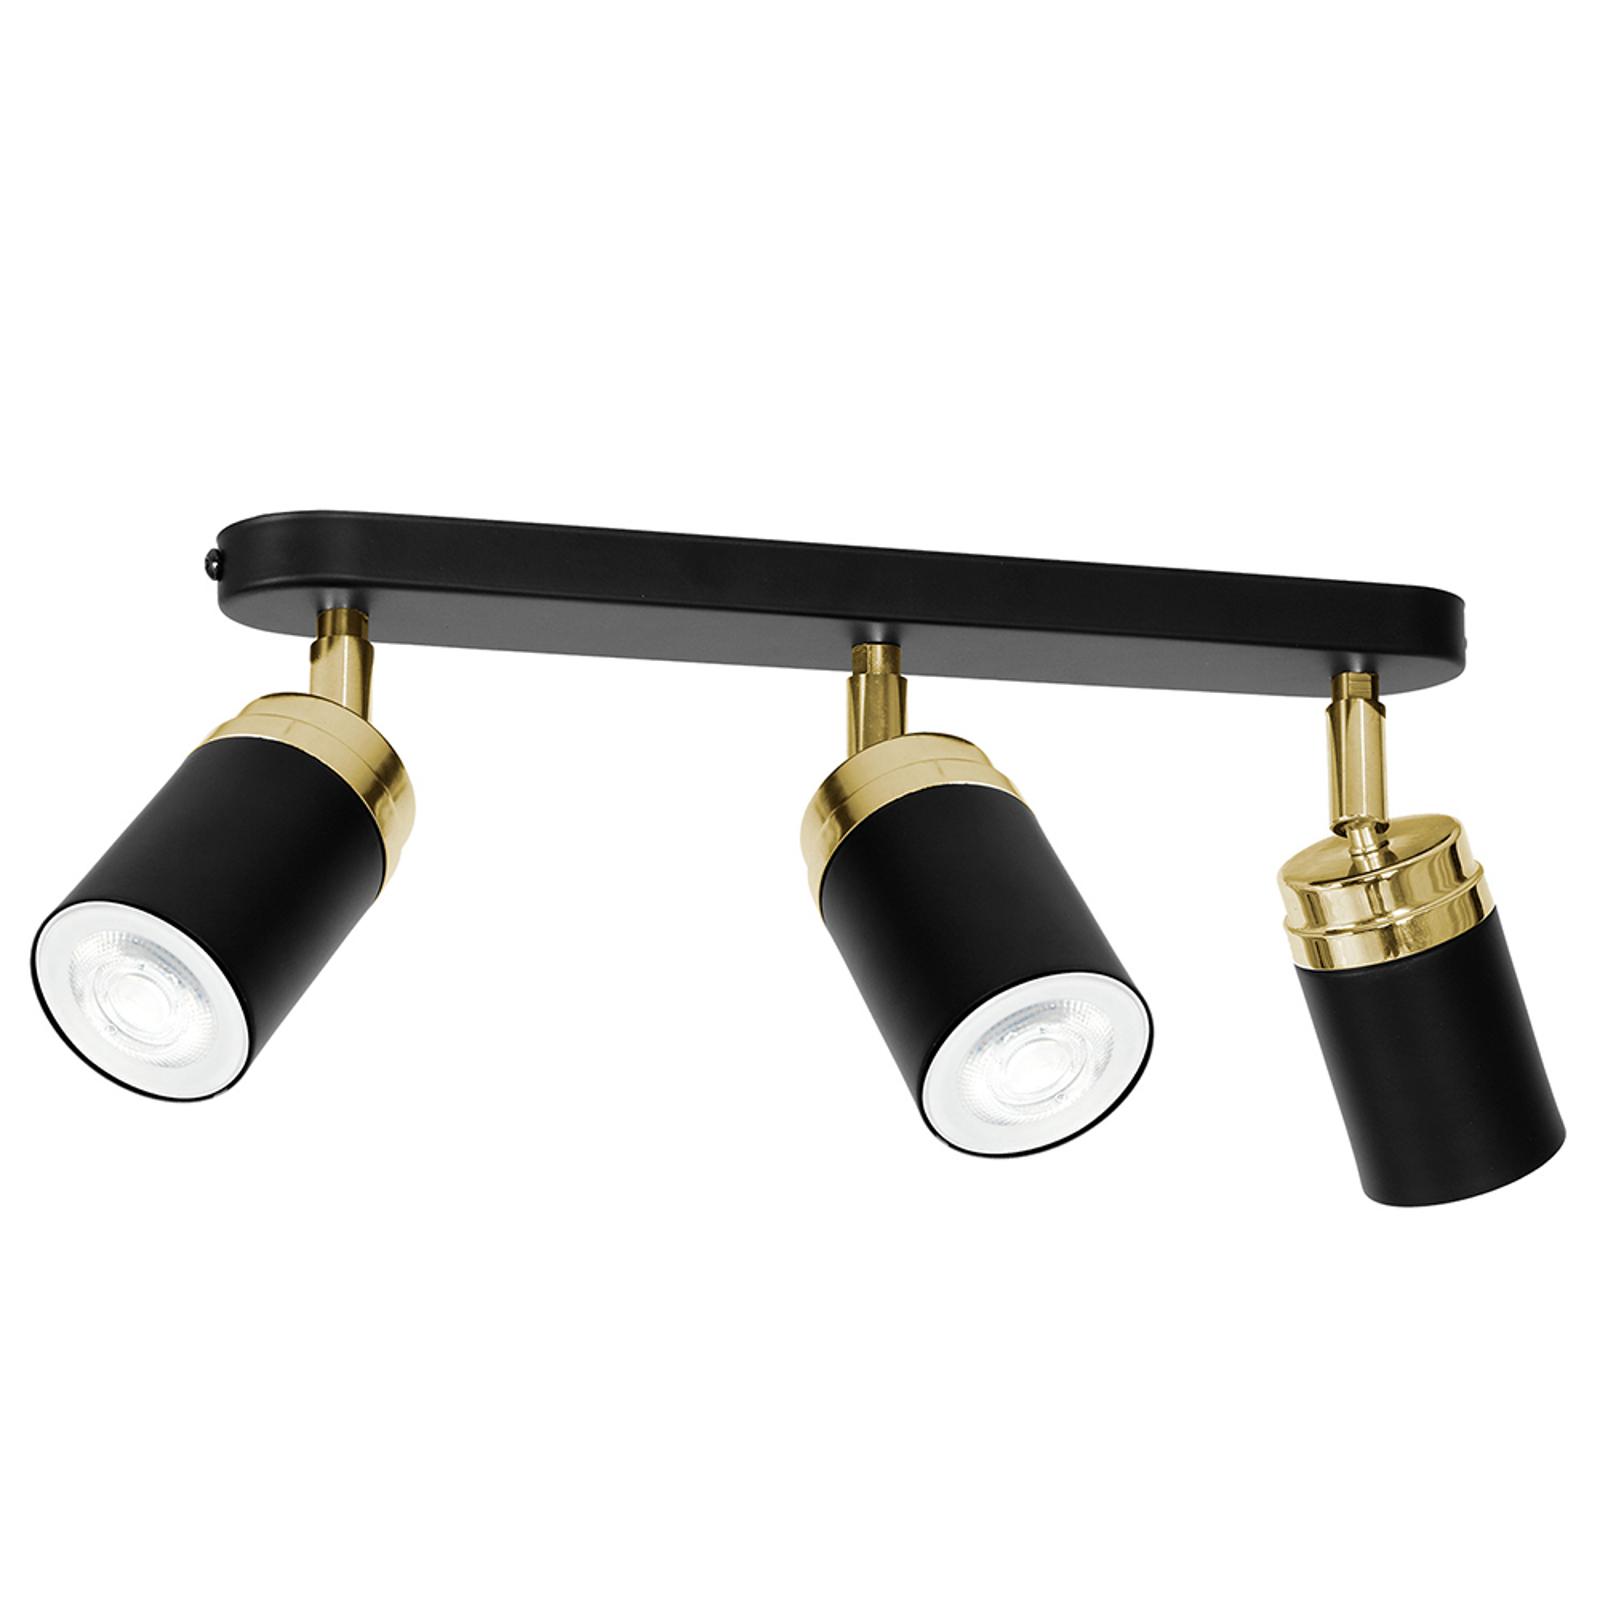 Takspotlight Reno, tre lampor, svart/guld